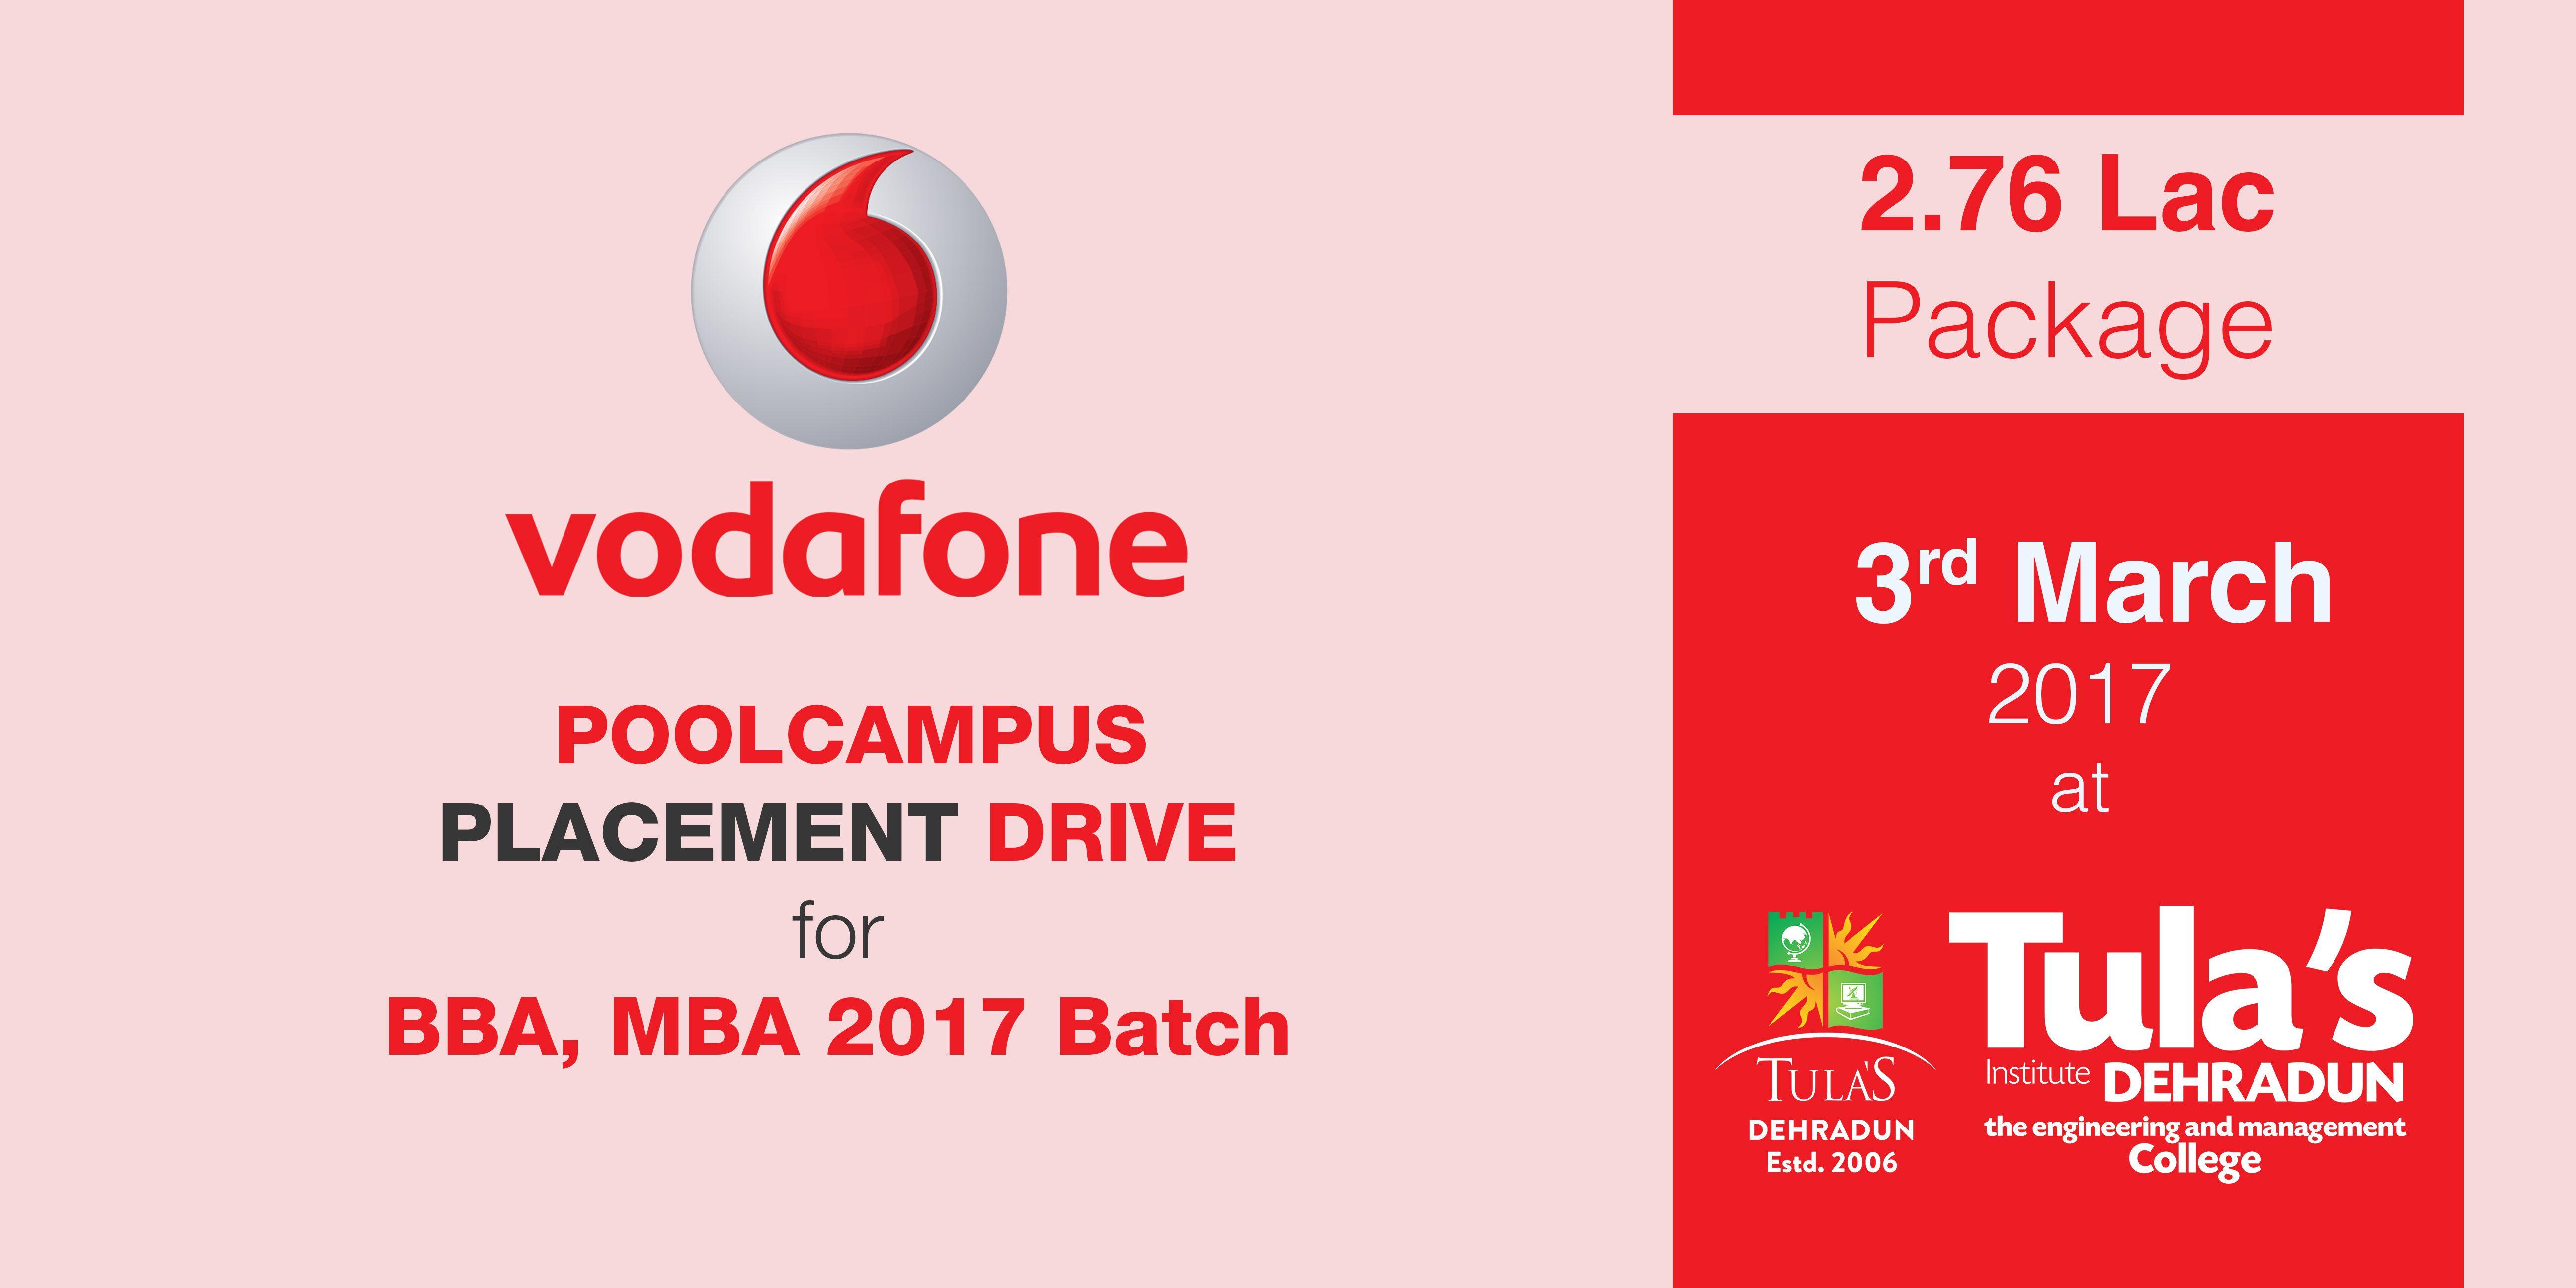 Vodafone dating India datazione differenza di reddito